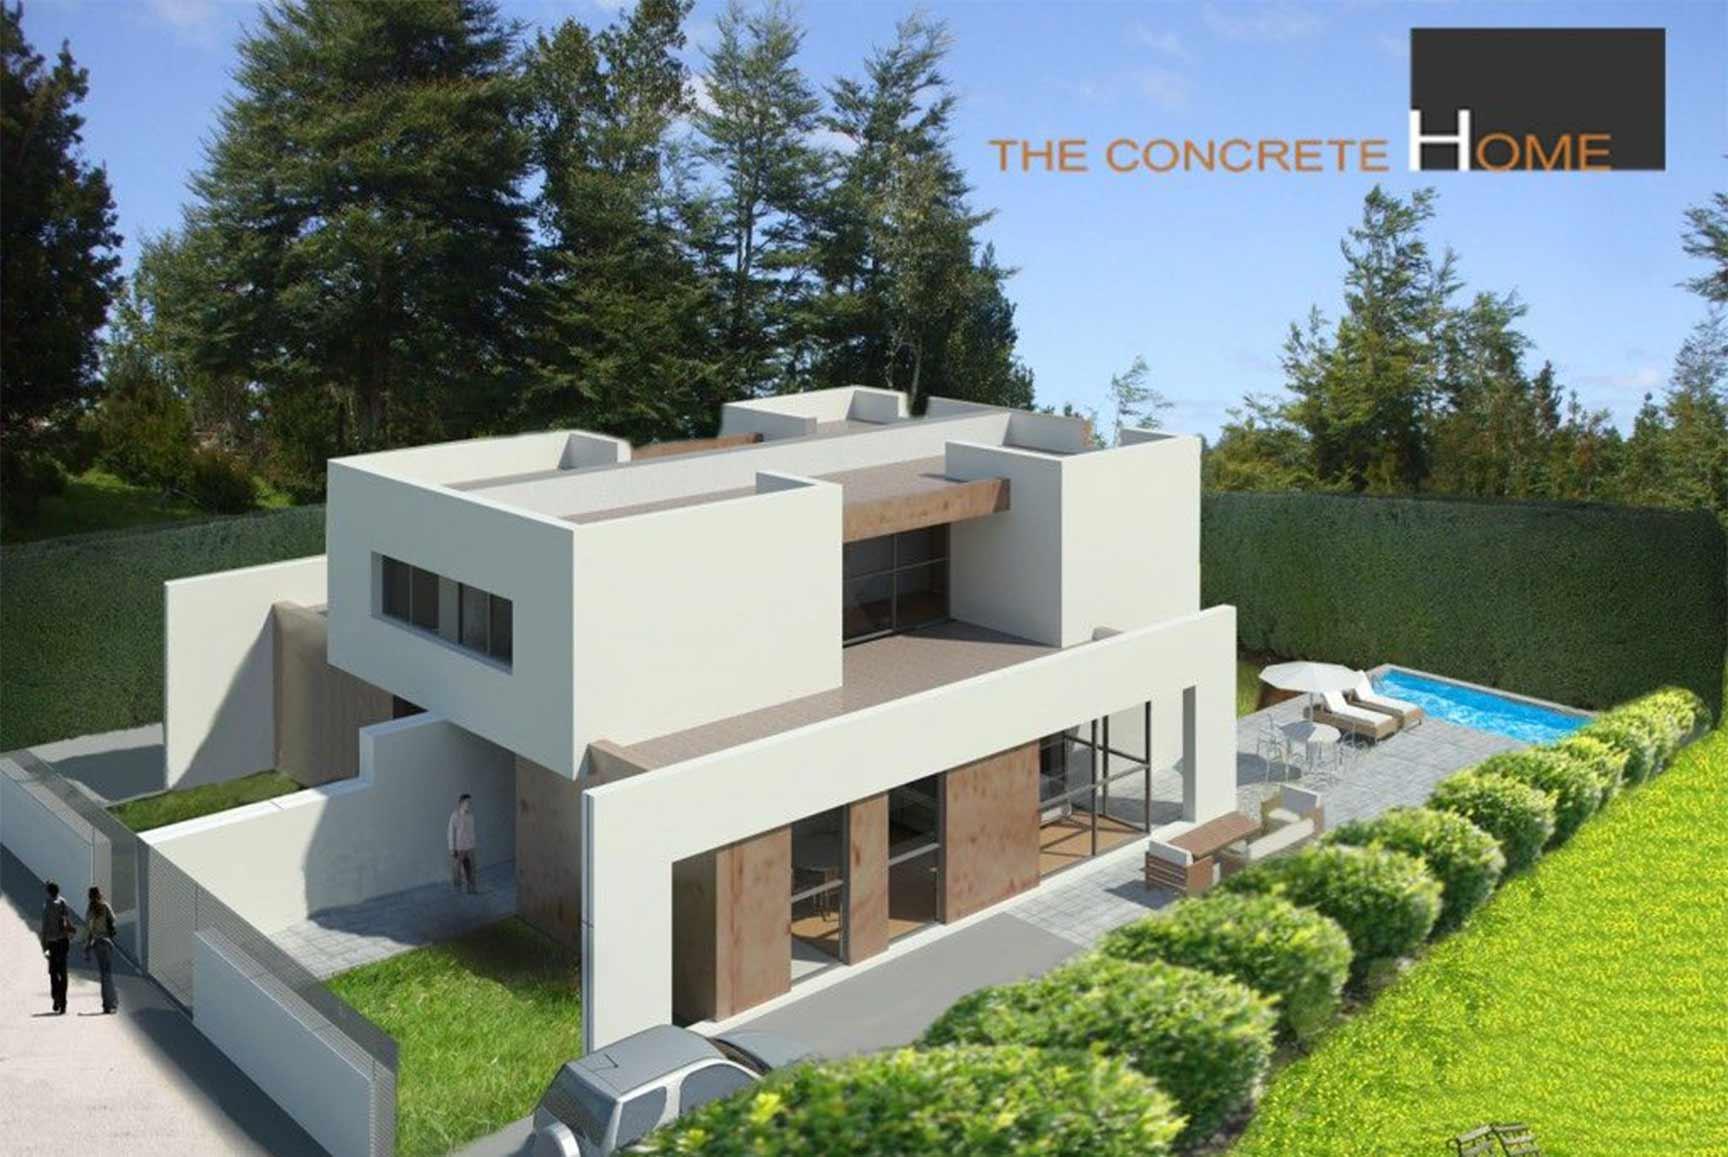 Se activa la construcci n de viviendas prefabricadas en - Construccion de casas prefabricadas ...